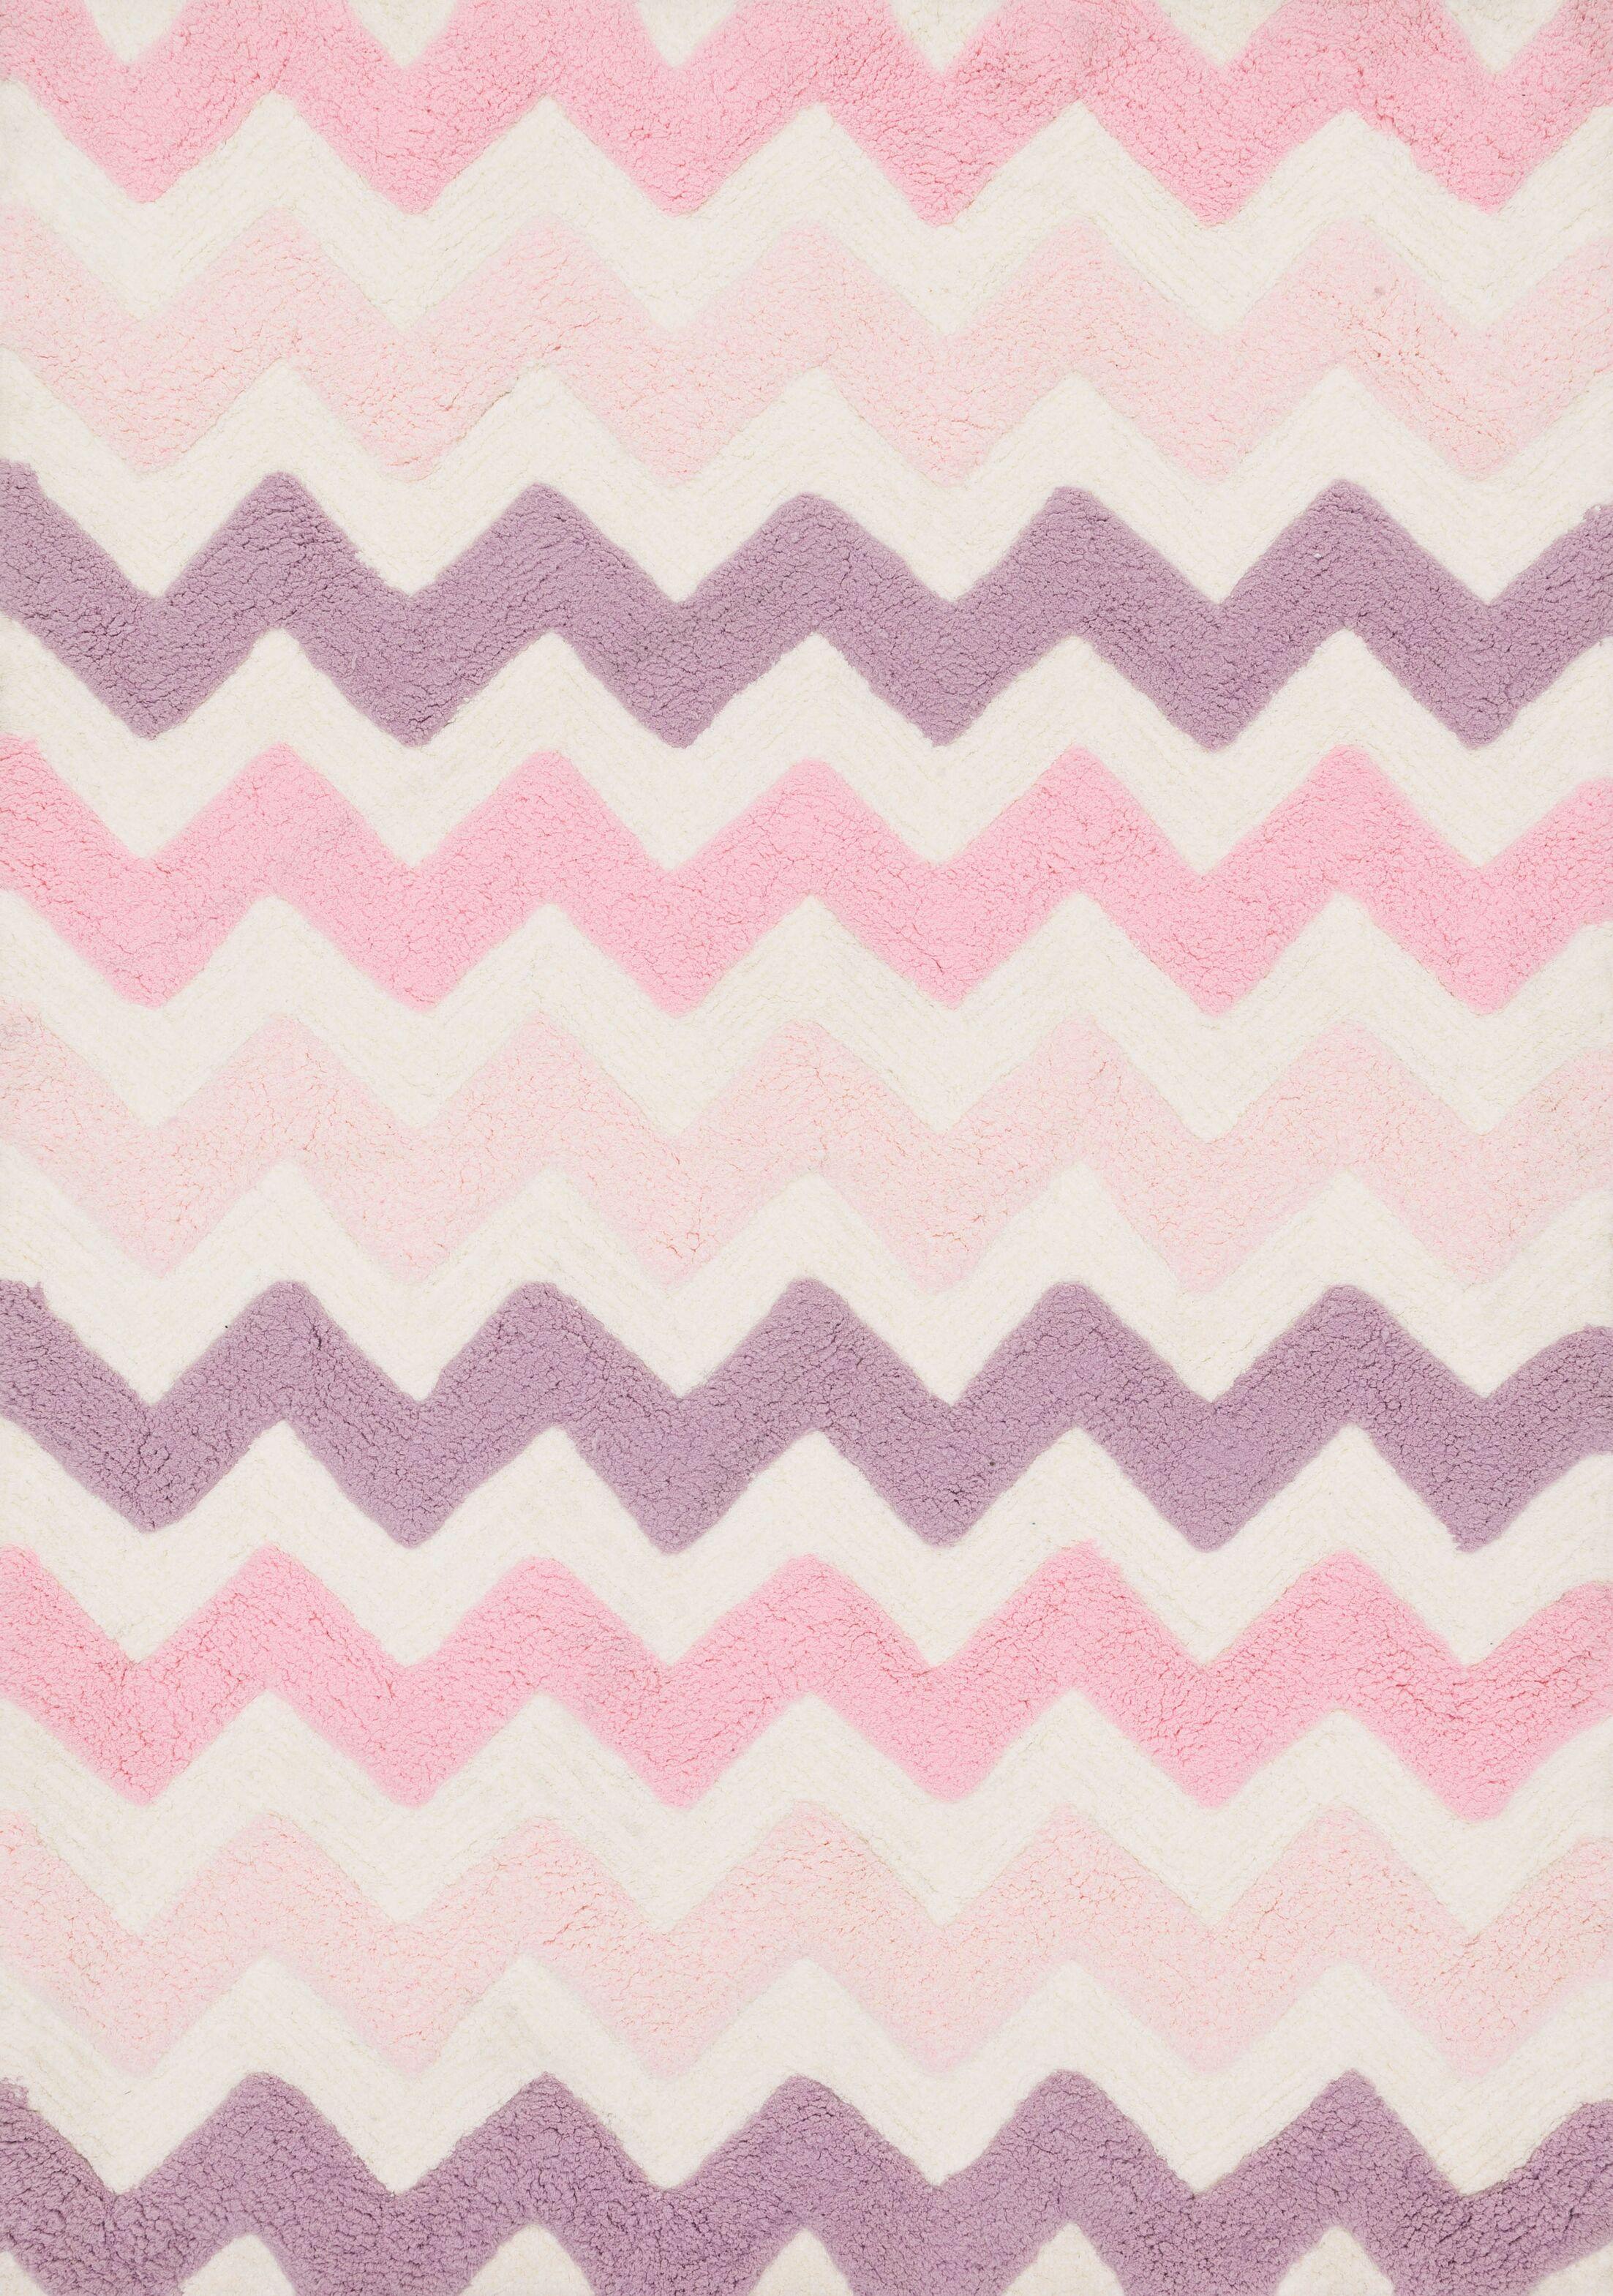 Broder Pink/Purple Shag Area Rug Rug Size: Rectangle 7'3